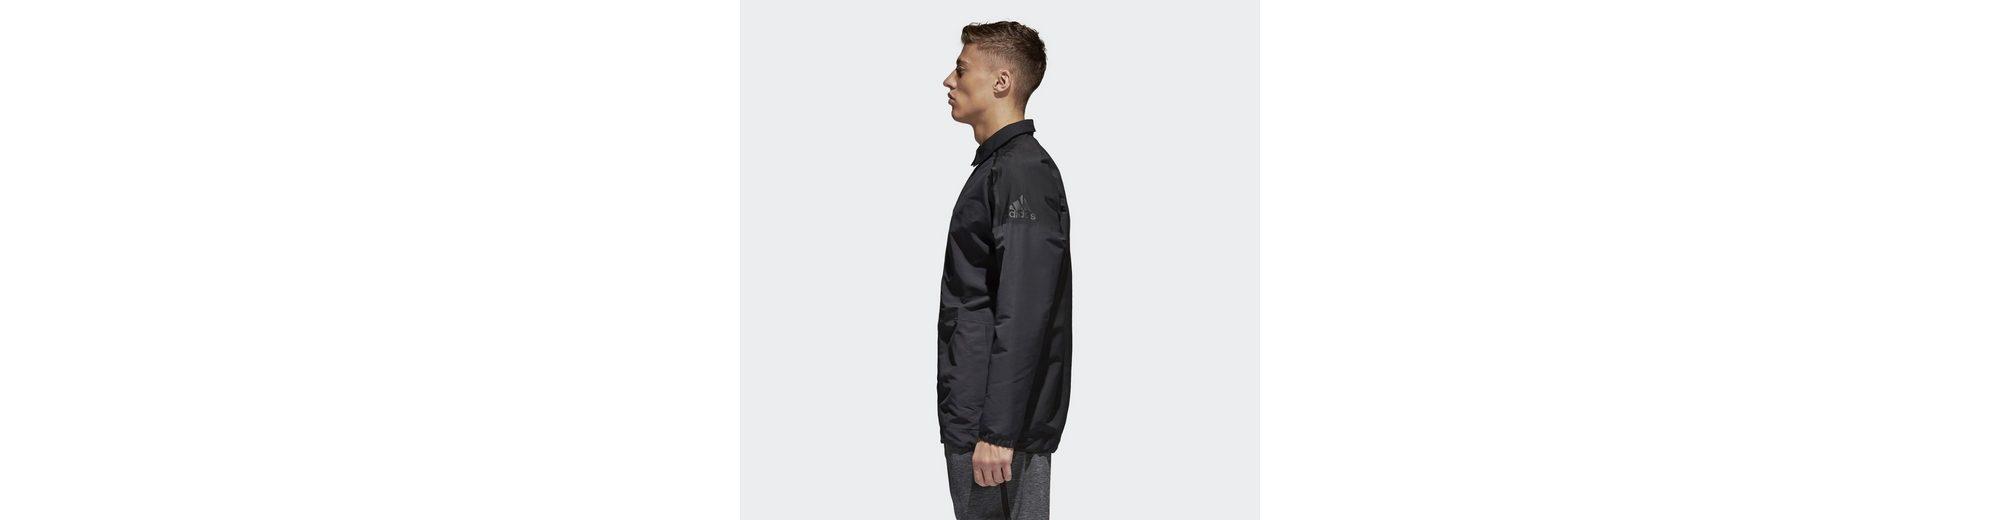 Genießen Online-Verkauf adidas Performance Sweatjacke Z.N.E. Anthem Supershell Rabatt 2018 Unisex 2018 Unisex Webseite Zum Verkauf Freies Verschiffen Ebay NCXi9tFoPM